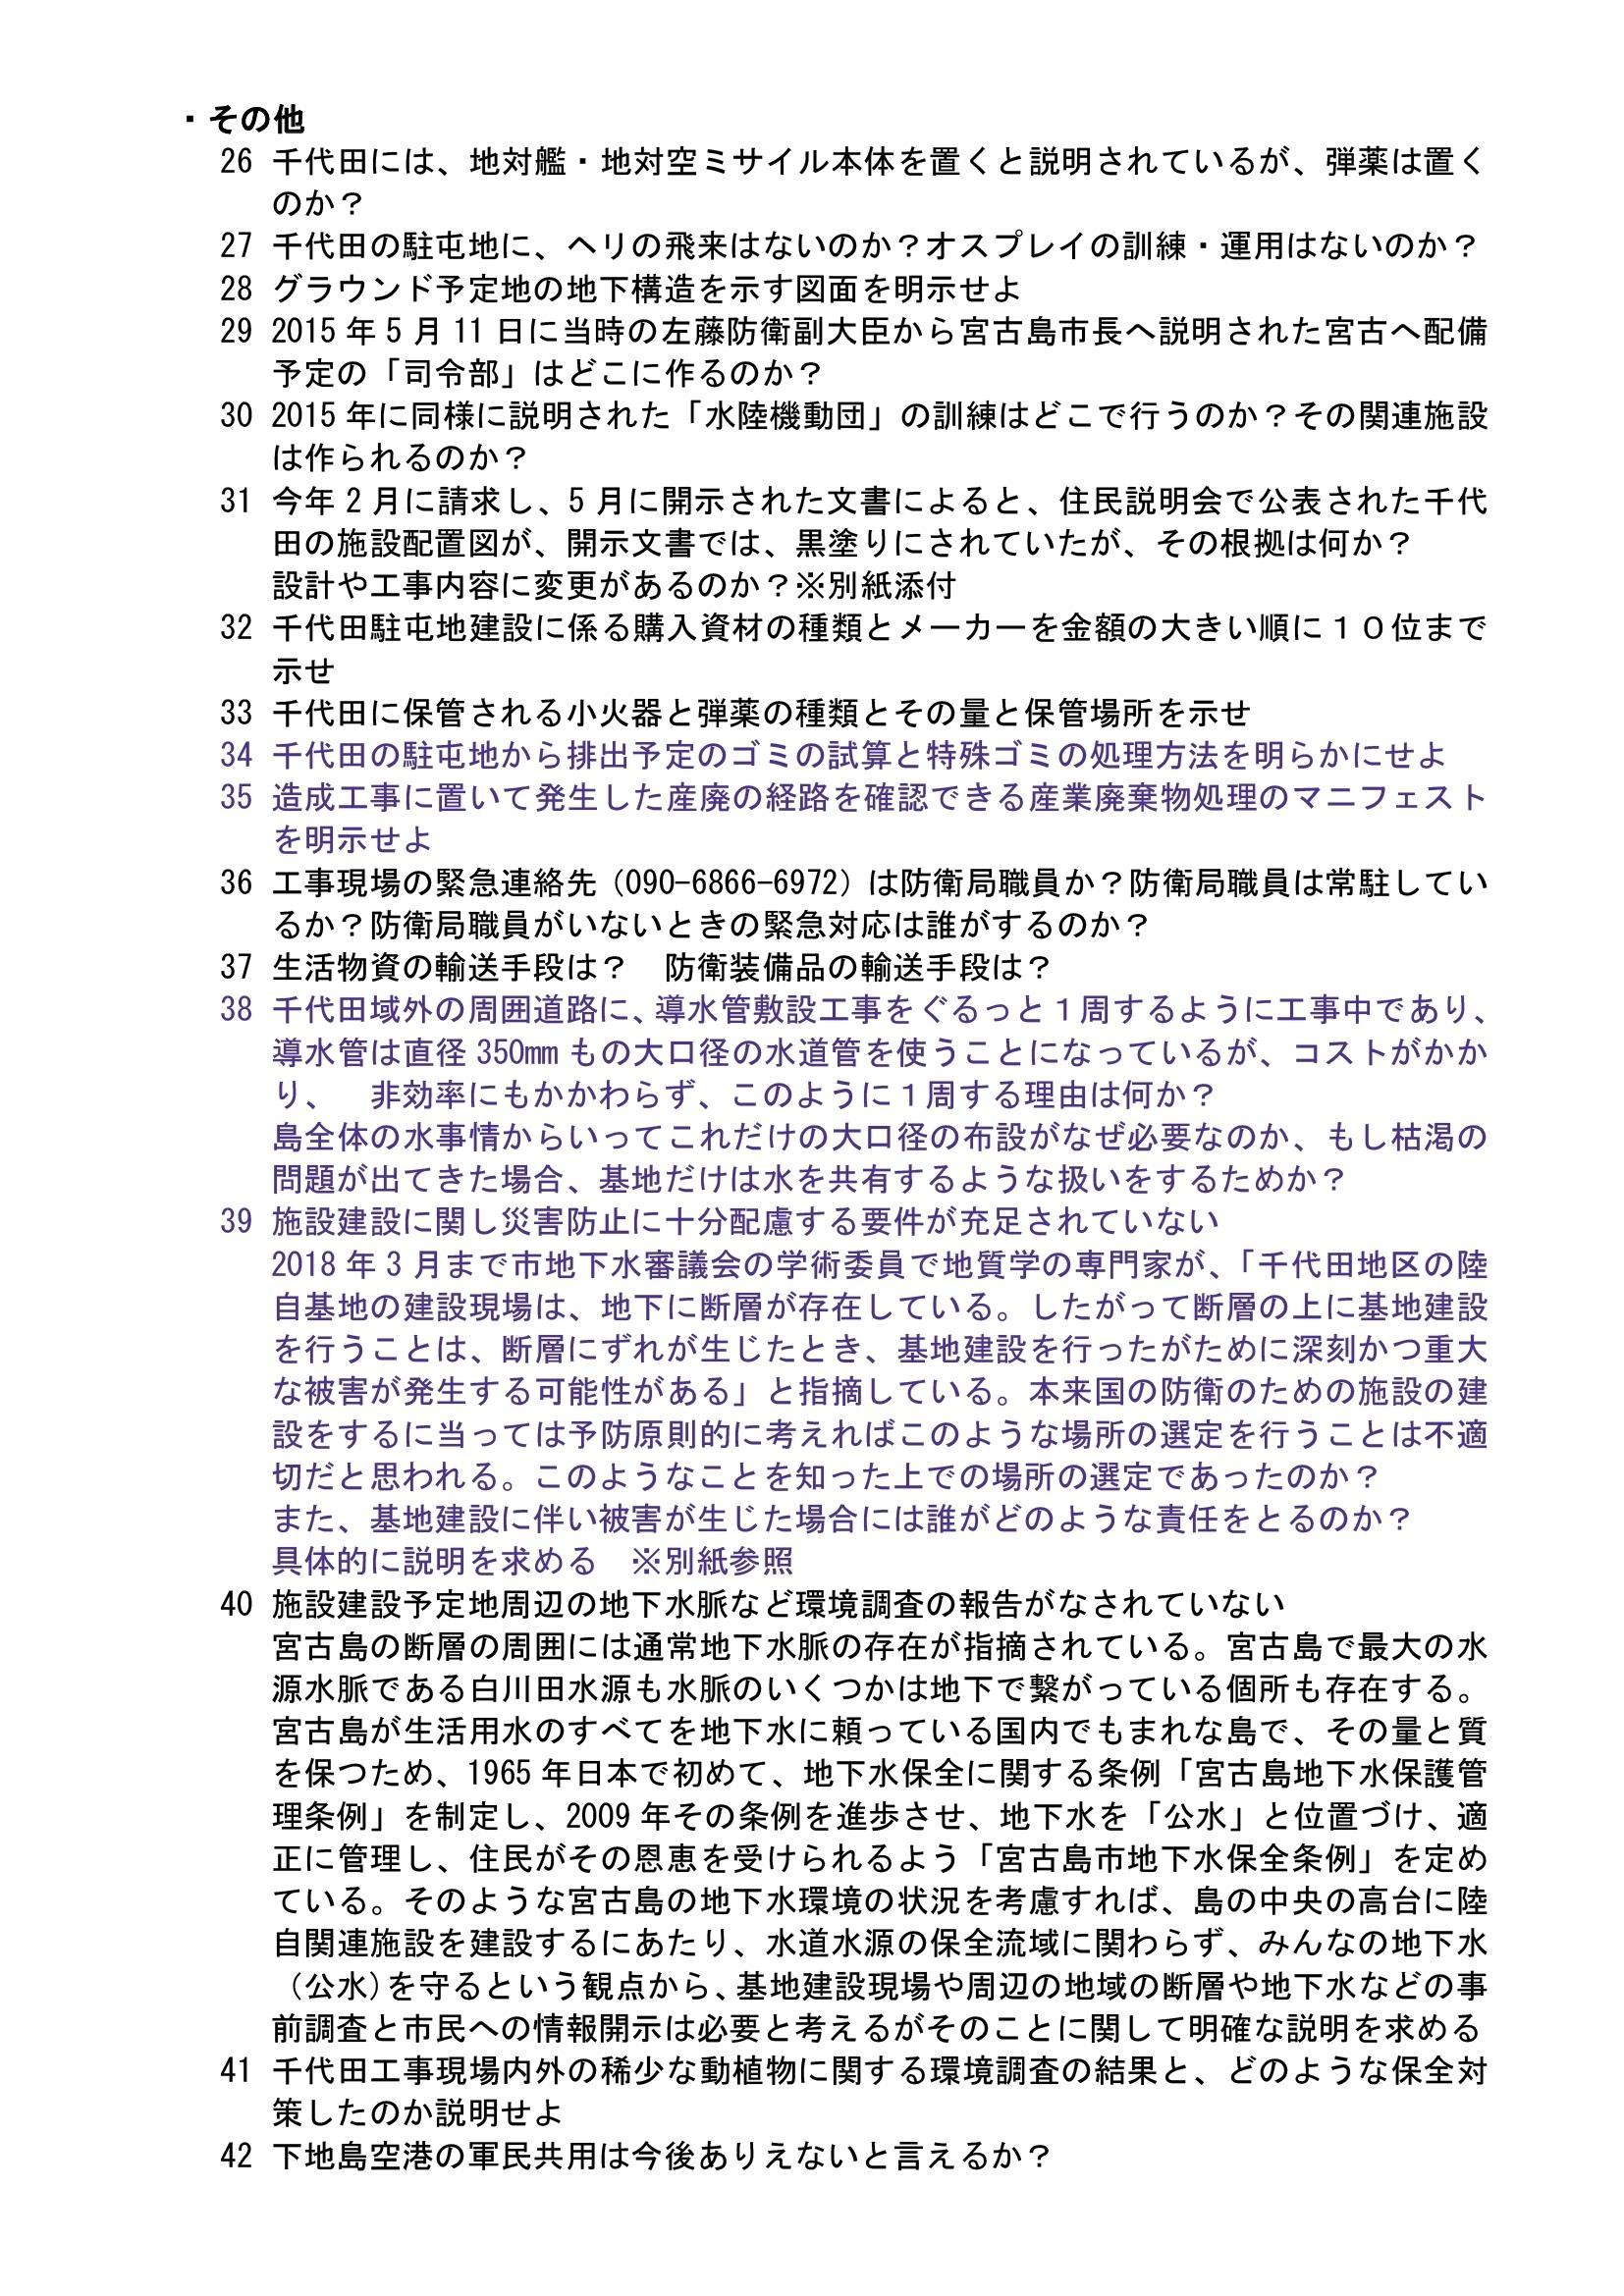 沖縄防衛局あて質問事項0002